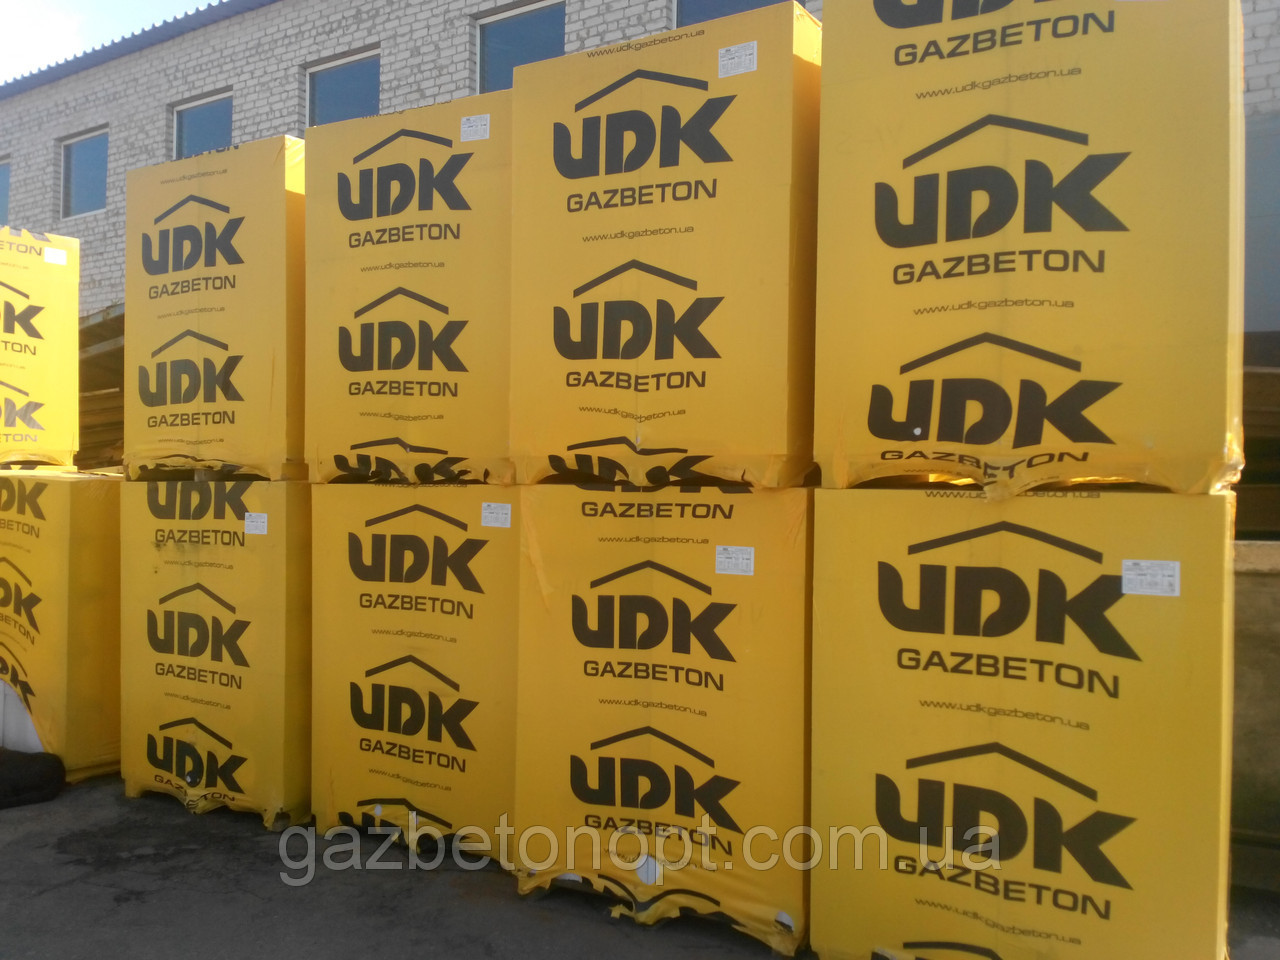 Газобетон, Газоблок, Газобетонные стеновые блоки ЮДК (UDK) 600*400*200 D400